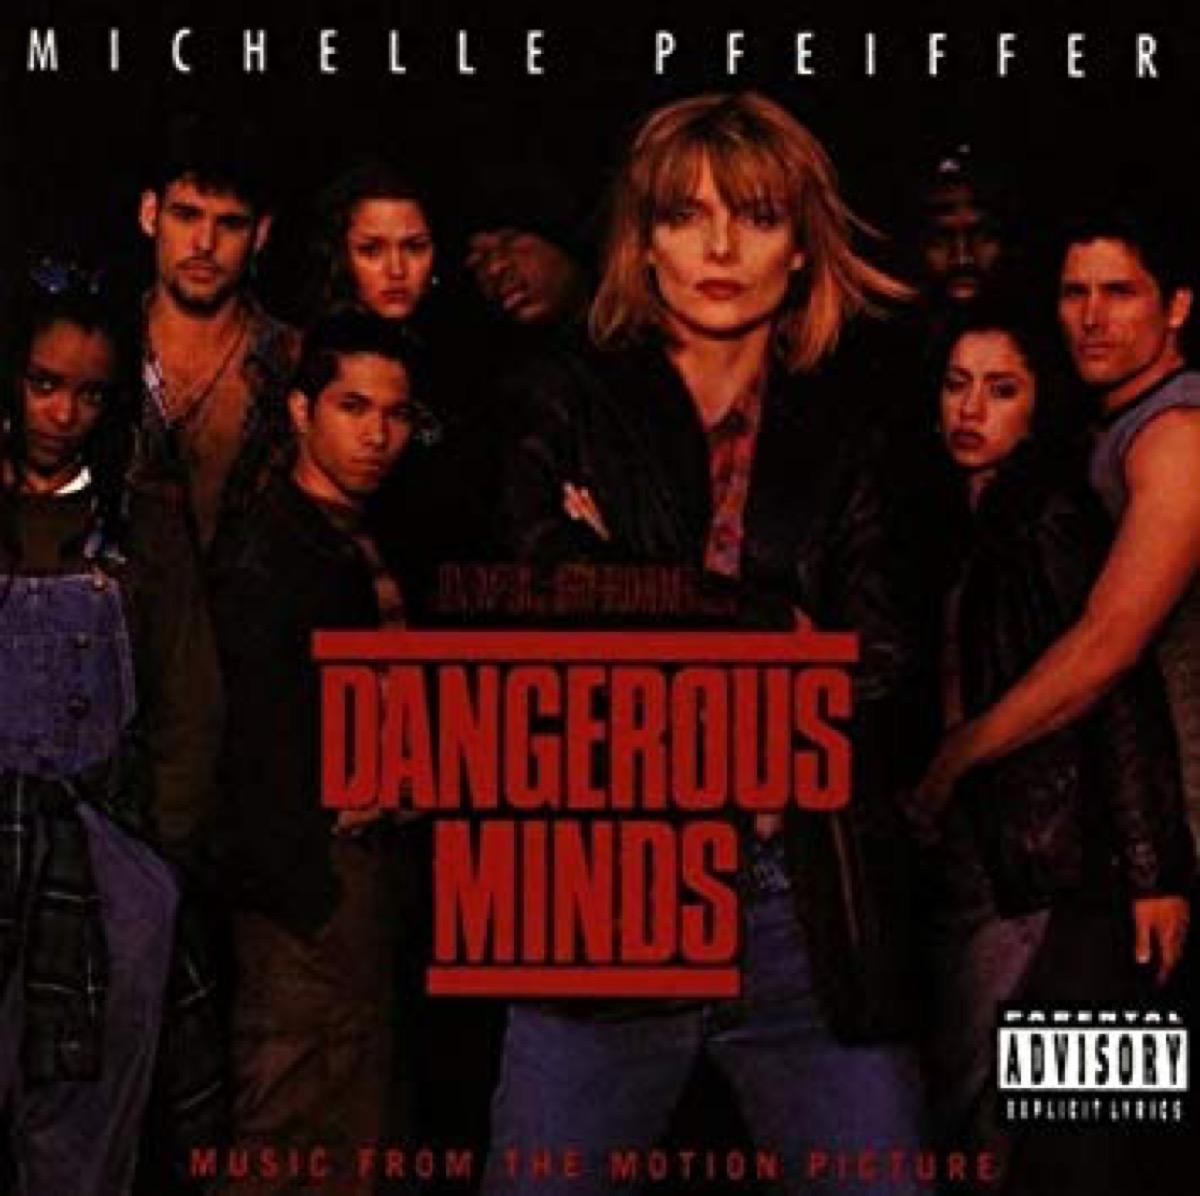 dangerous minds movie soundtrack album